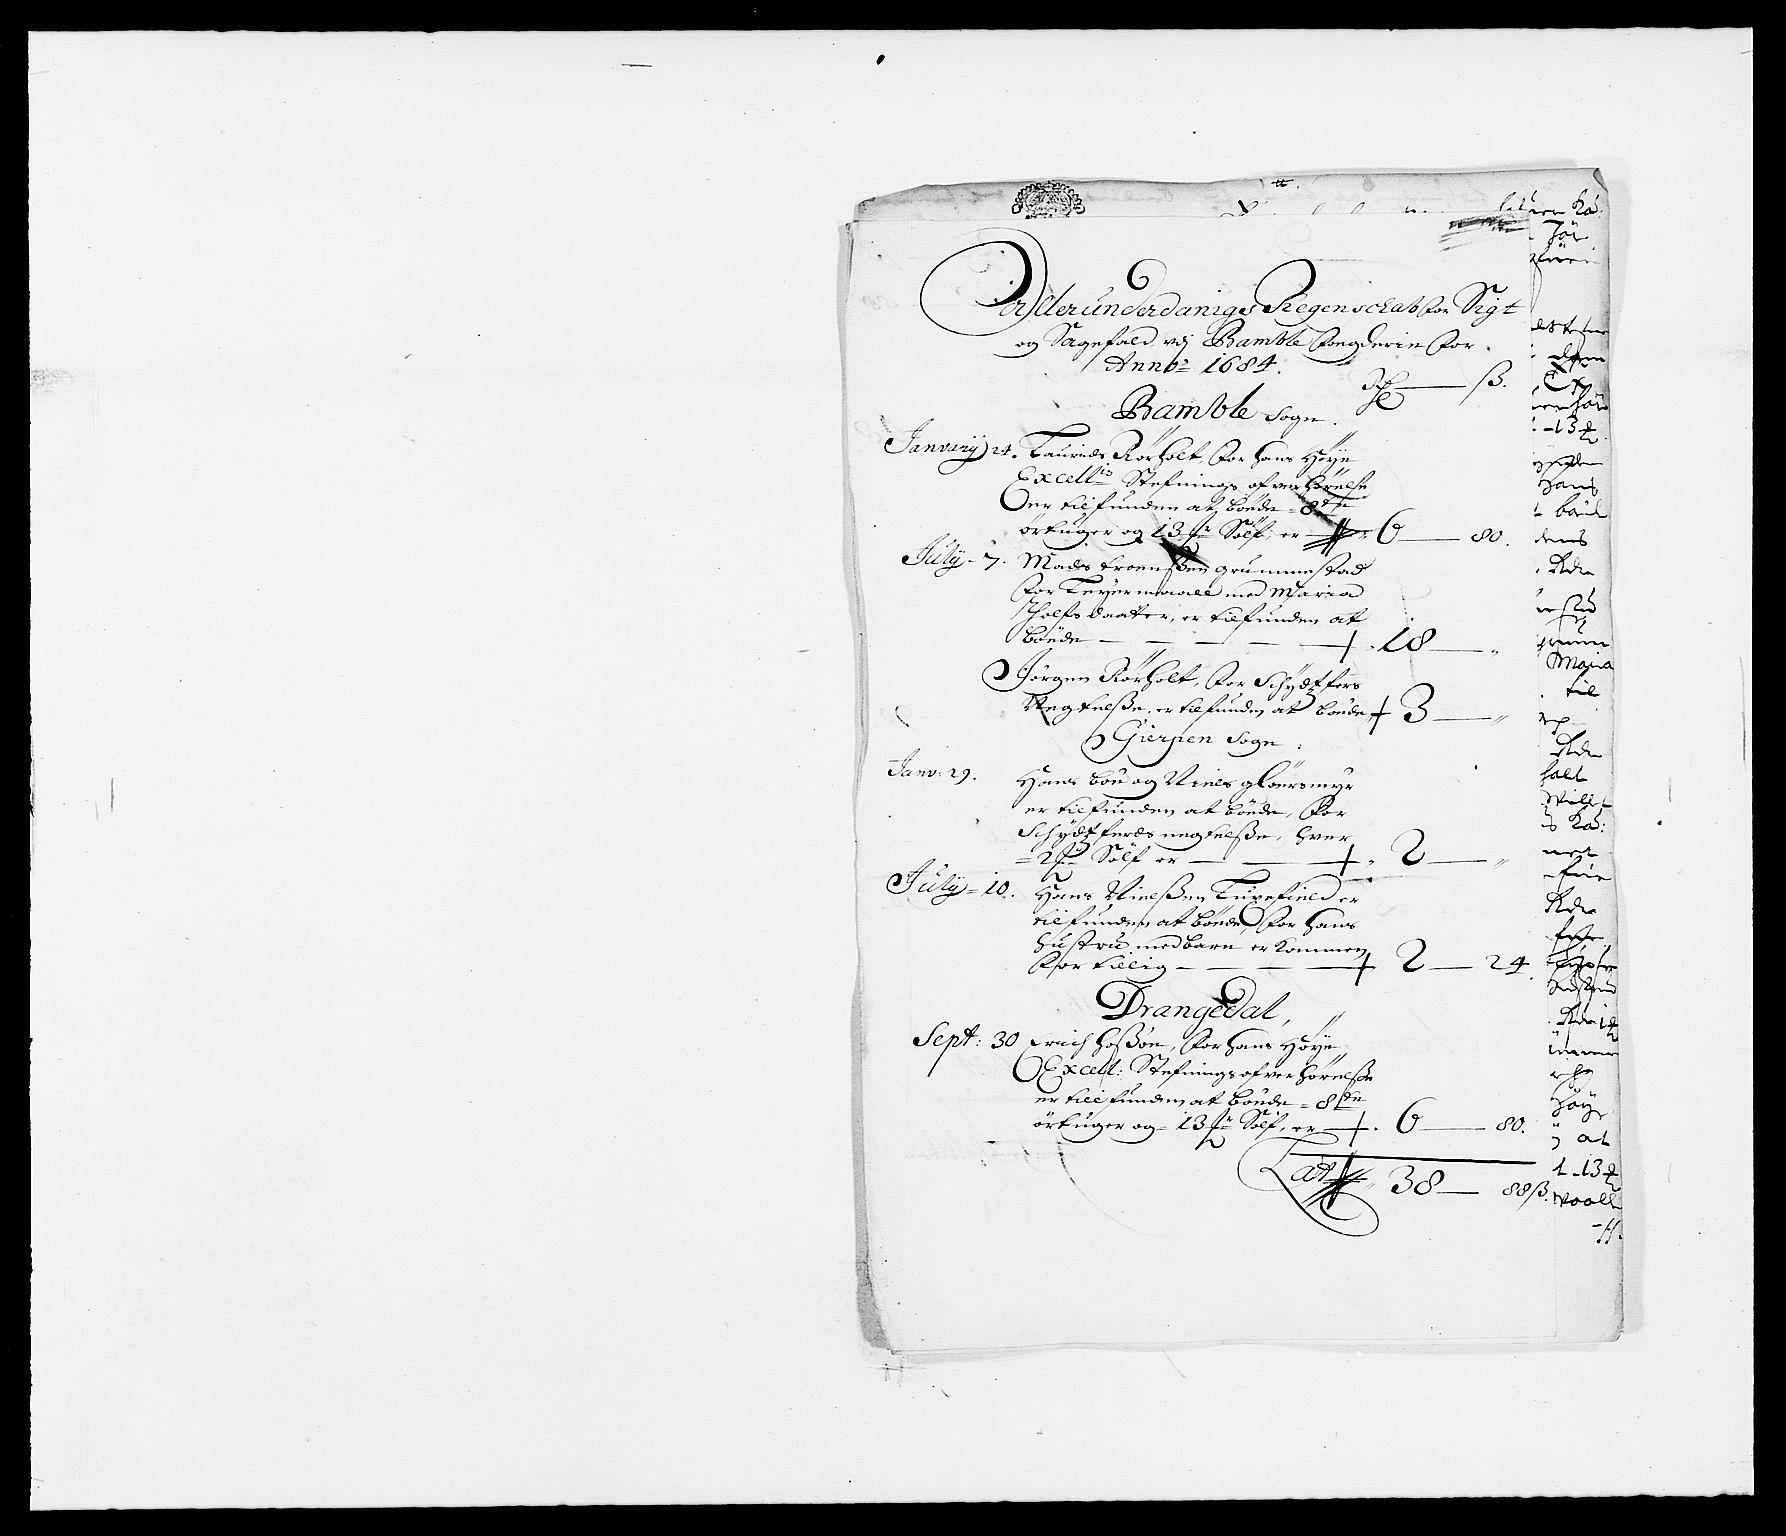 RA, Rentekammeret inntil 1814, Reviderte regnskaper, Fogderegnskap, R34/L2047: Fogderegnskap Bamble, 1684, s. 14